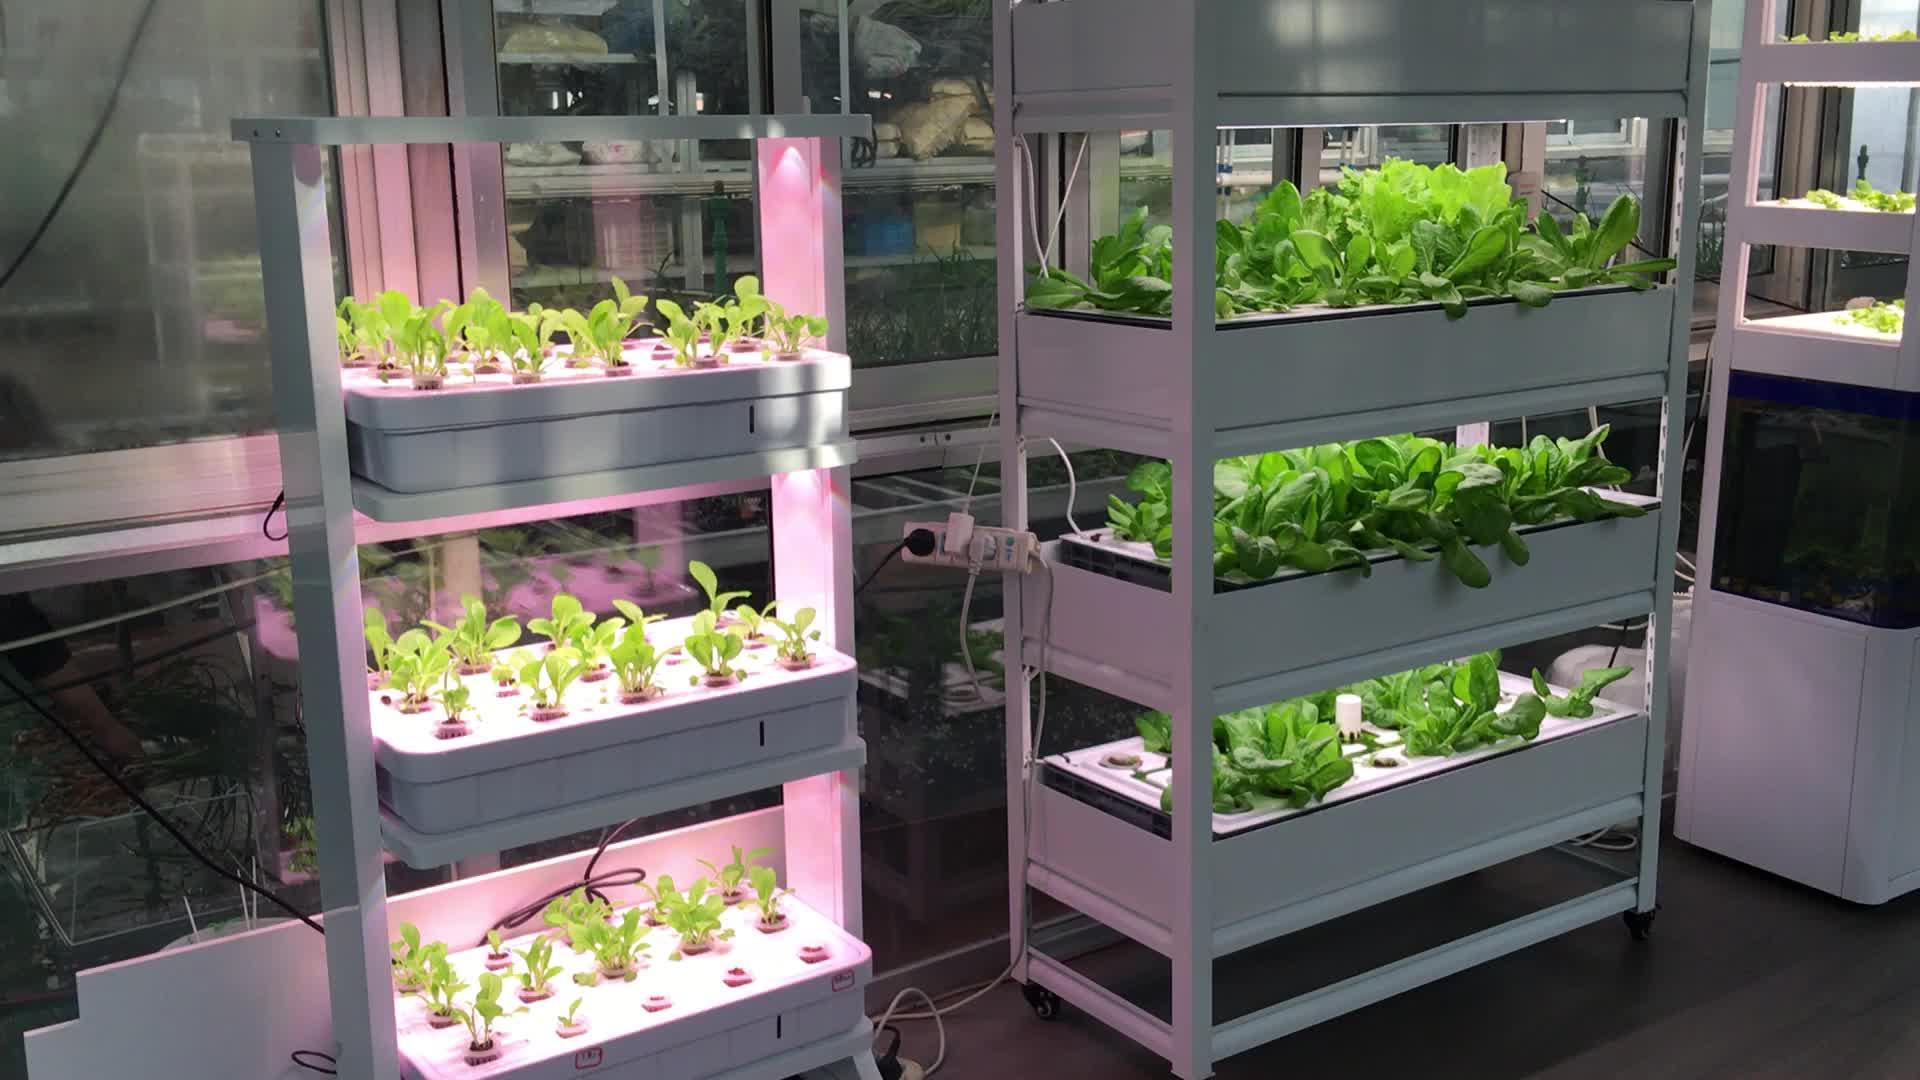 Skyplant Giardino di Casa verticale Crescere Kit Indoor Crescere Sistema di Coltura Idroponica FAI DA TE Aeroponic Sistemi di Coltivazione Idroponica